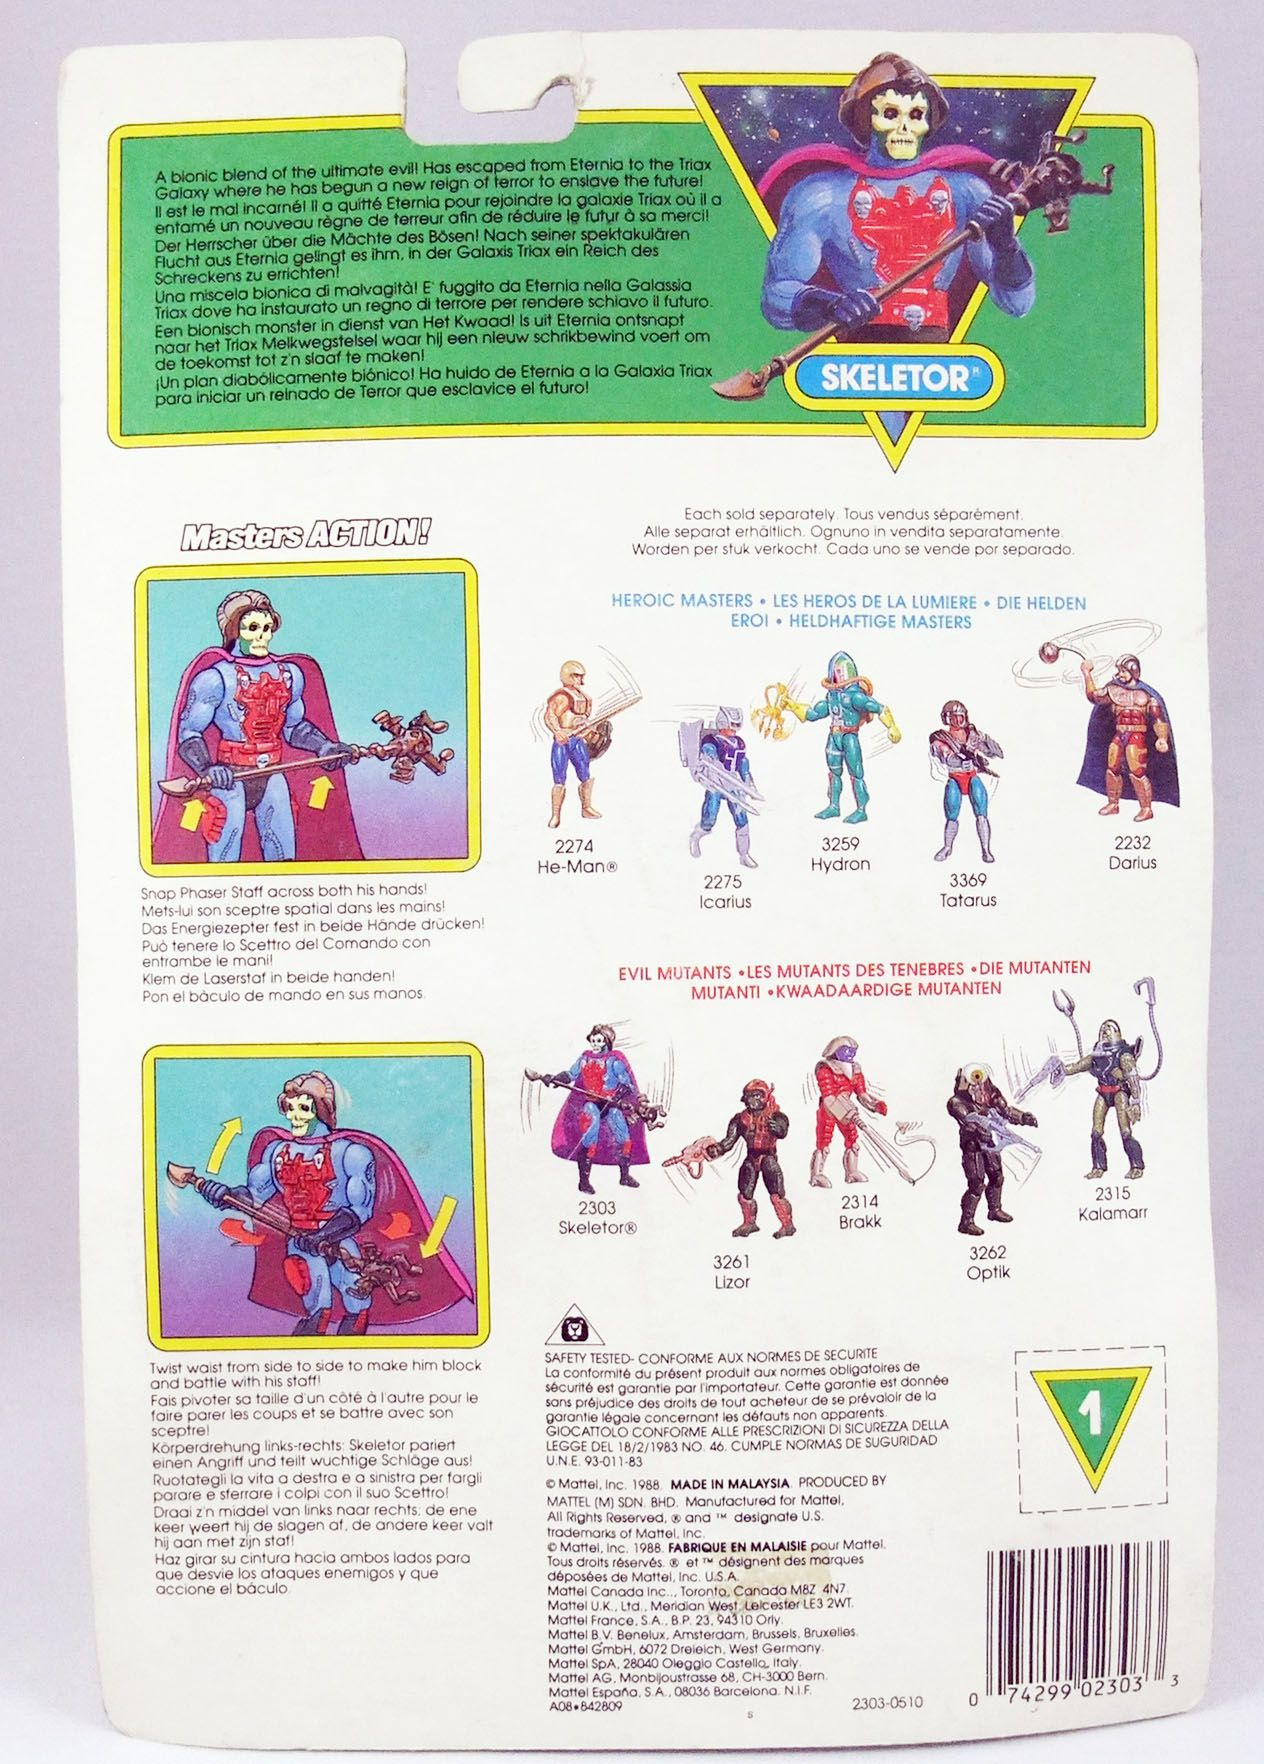 MOTU New Adventures of He-Man - Skeletor (carte Europe)